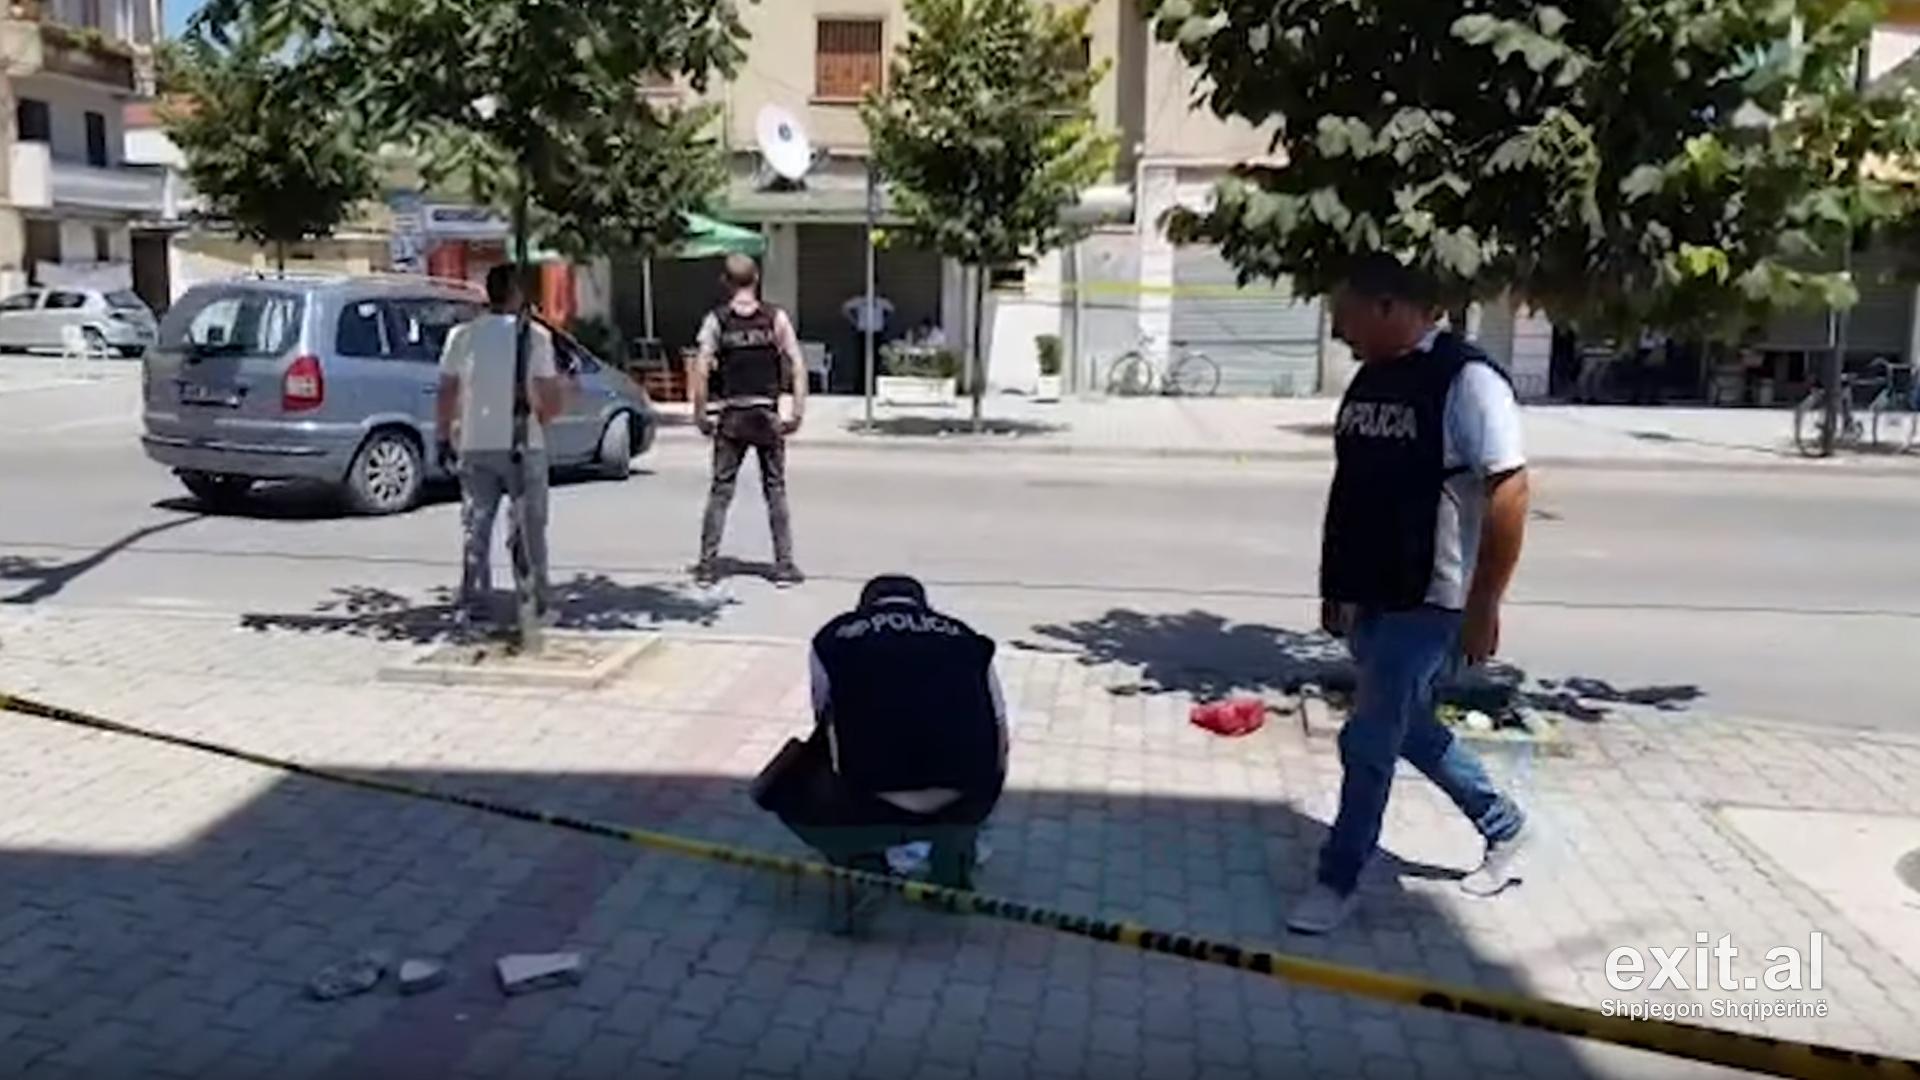 Përplasje me armë në Kavajë, vritet një kalimtar e plagosen tre të tjerë